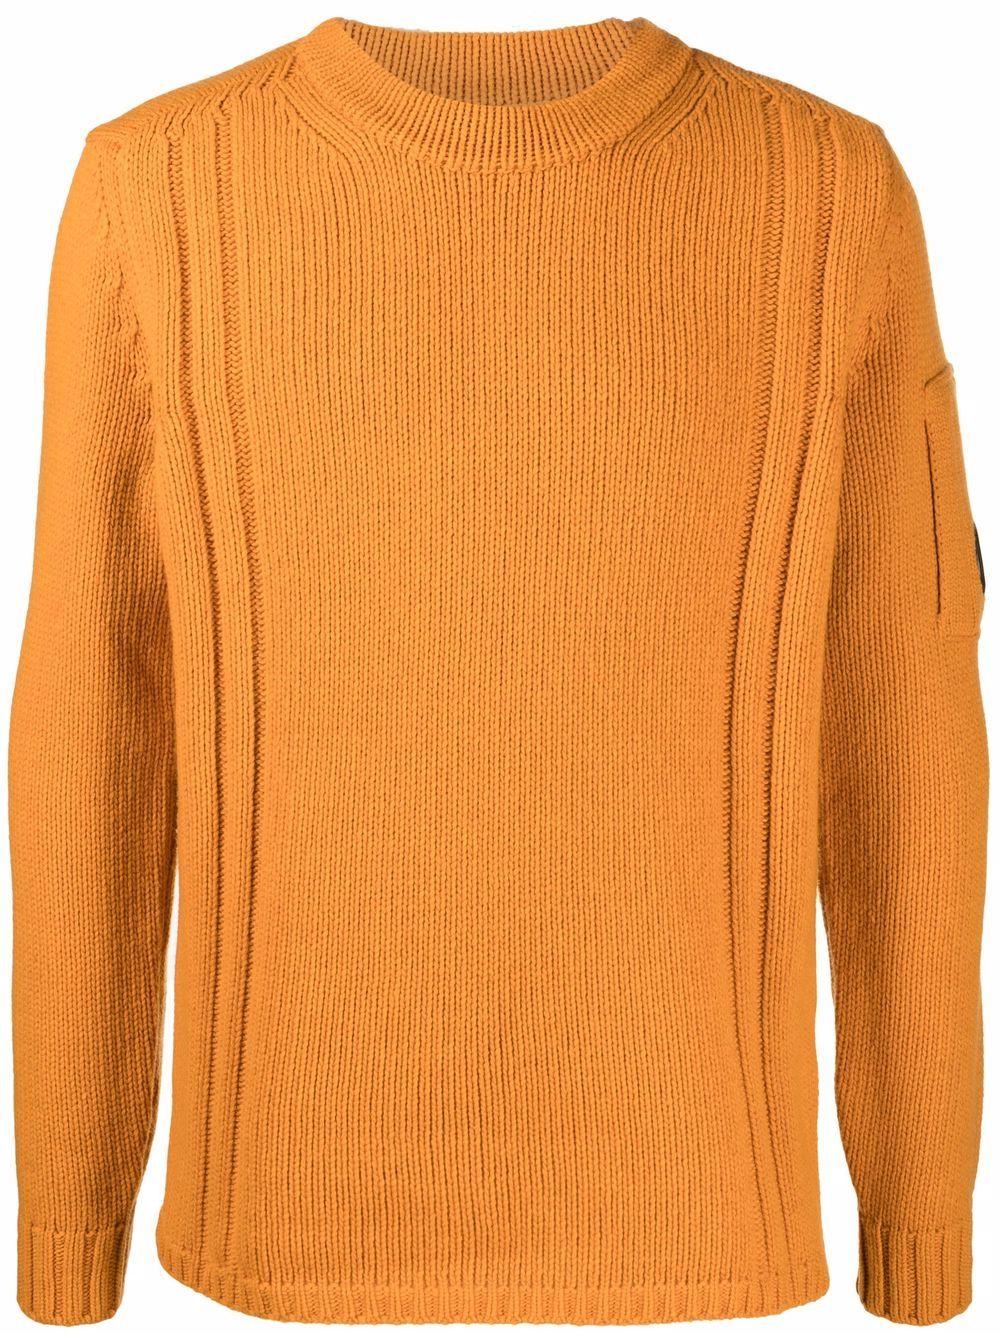 maglione a girocollo uomo arancione in lana C.P. COMPANY   Maglieria   11CMKN142A005504A436